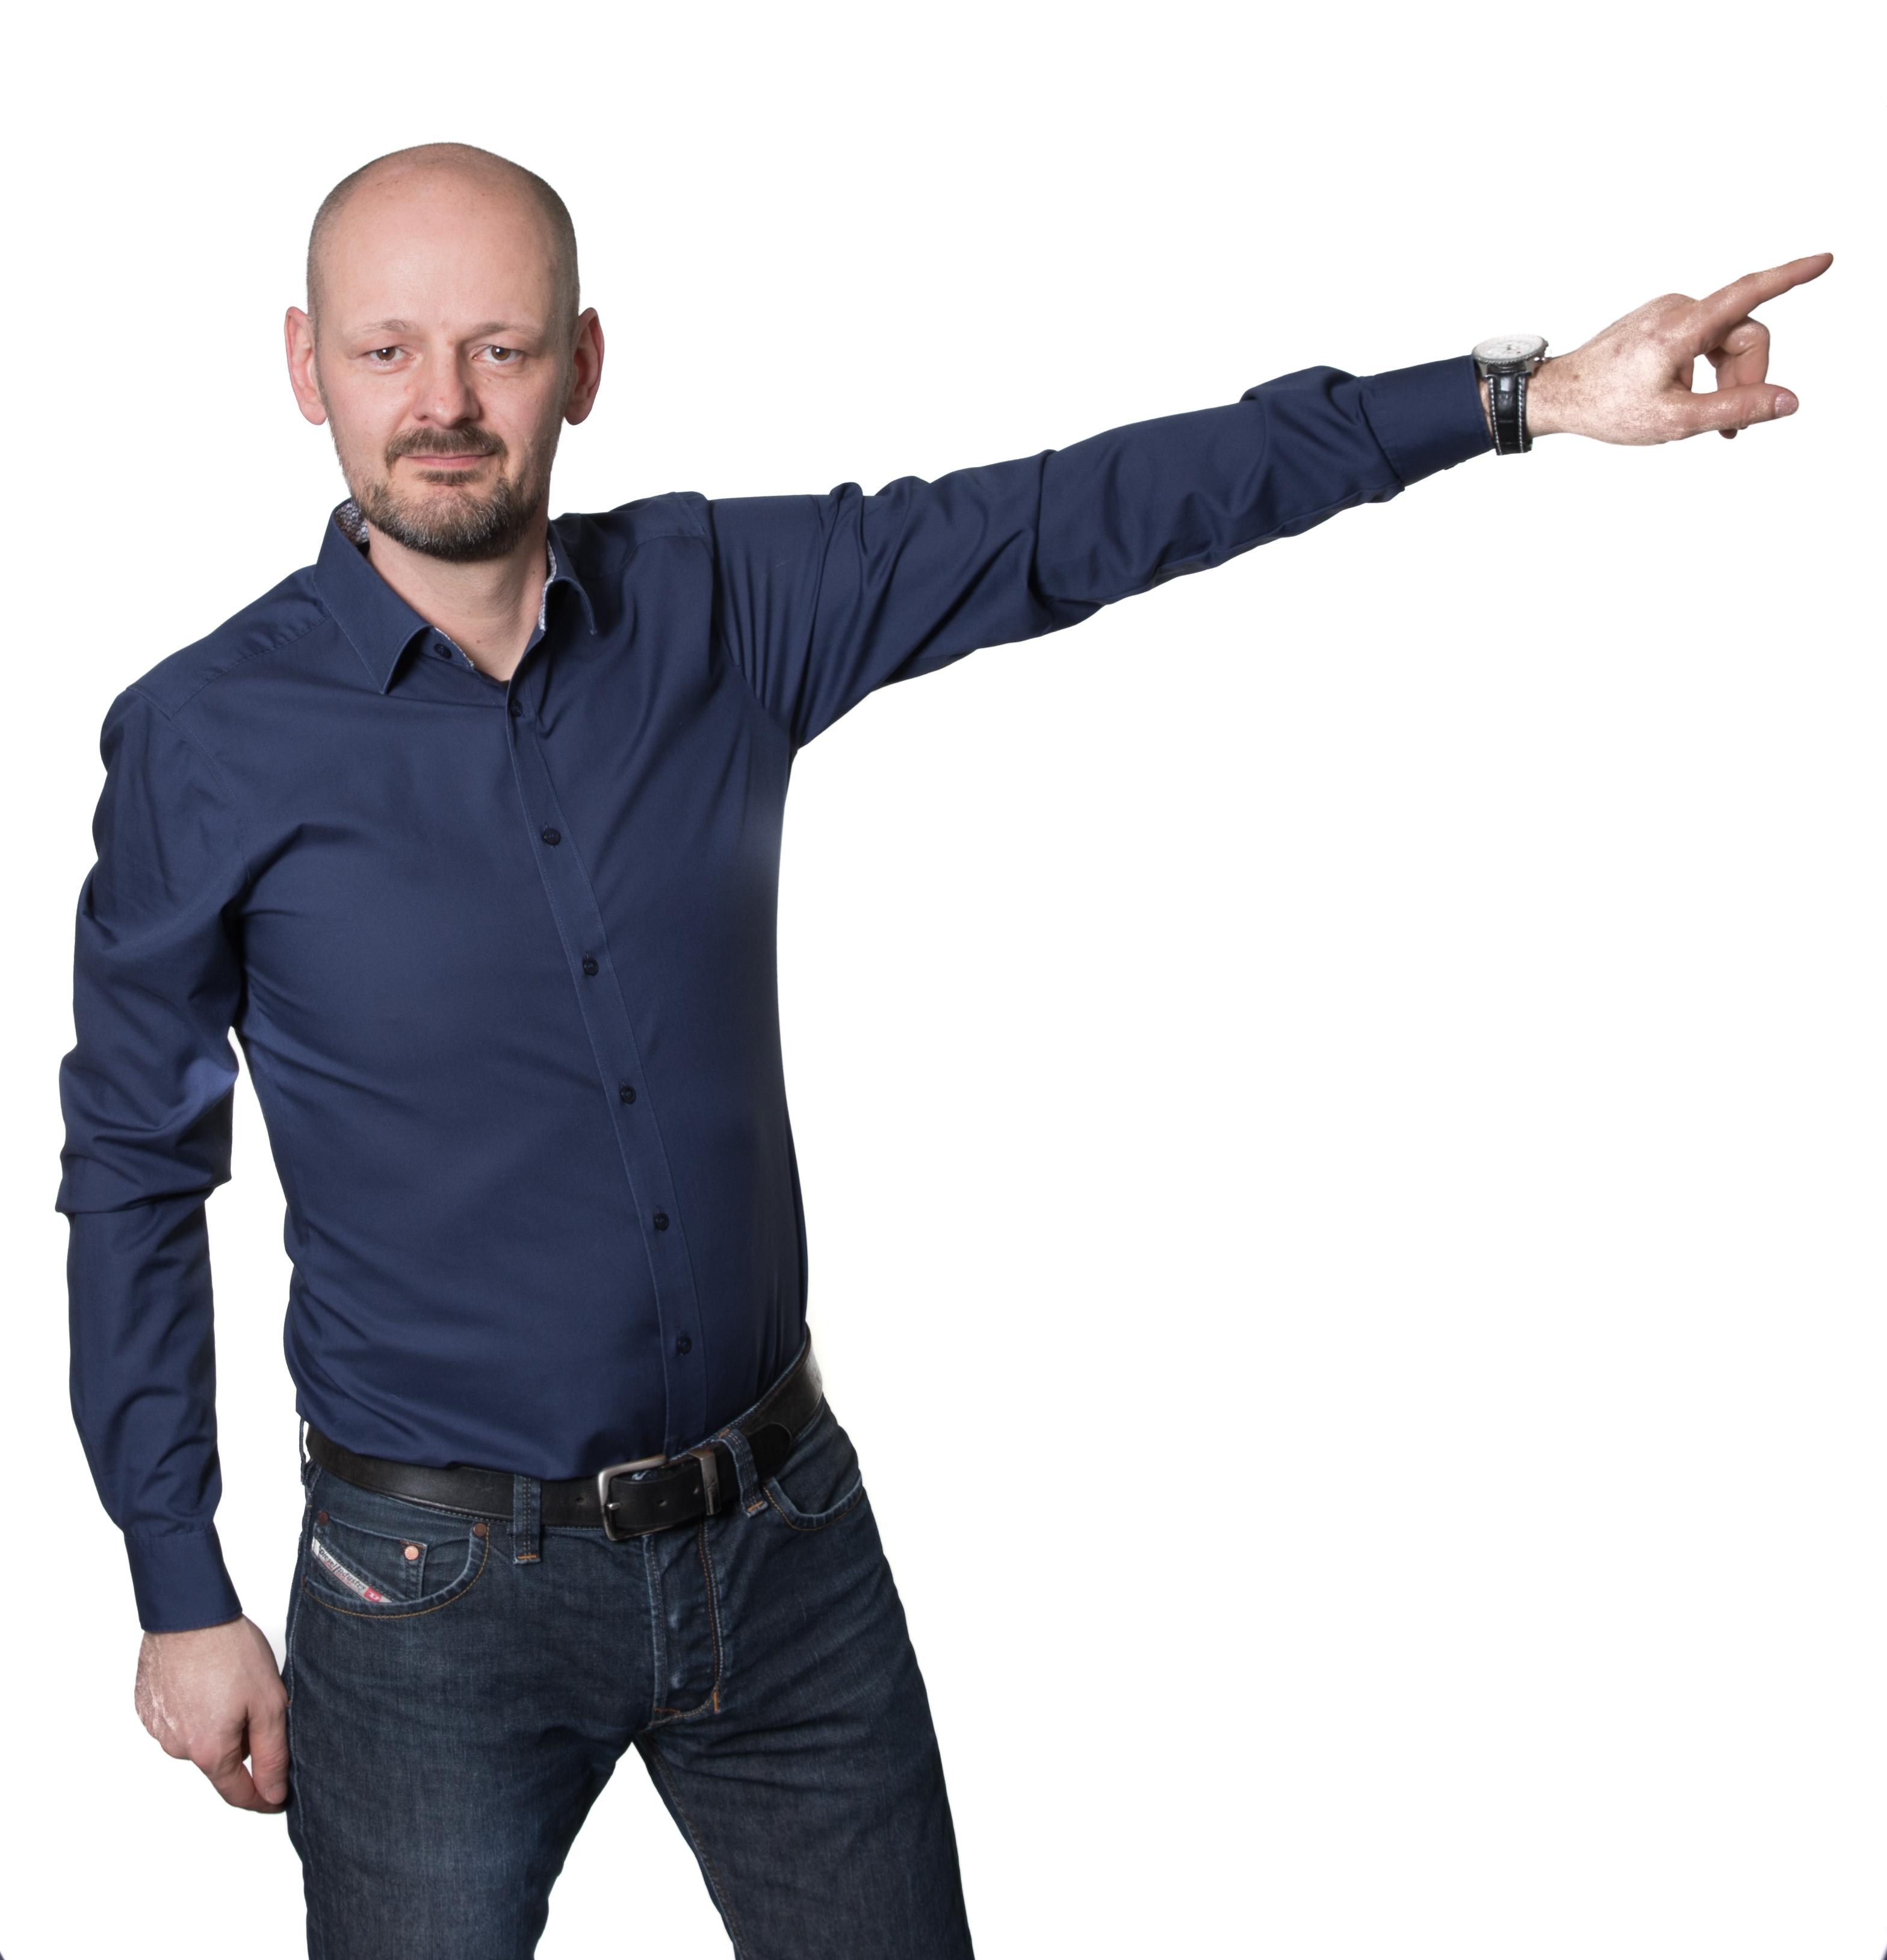 Zarko-Der KundenMagnet